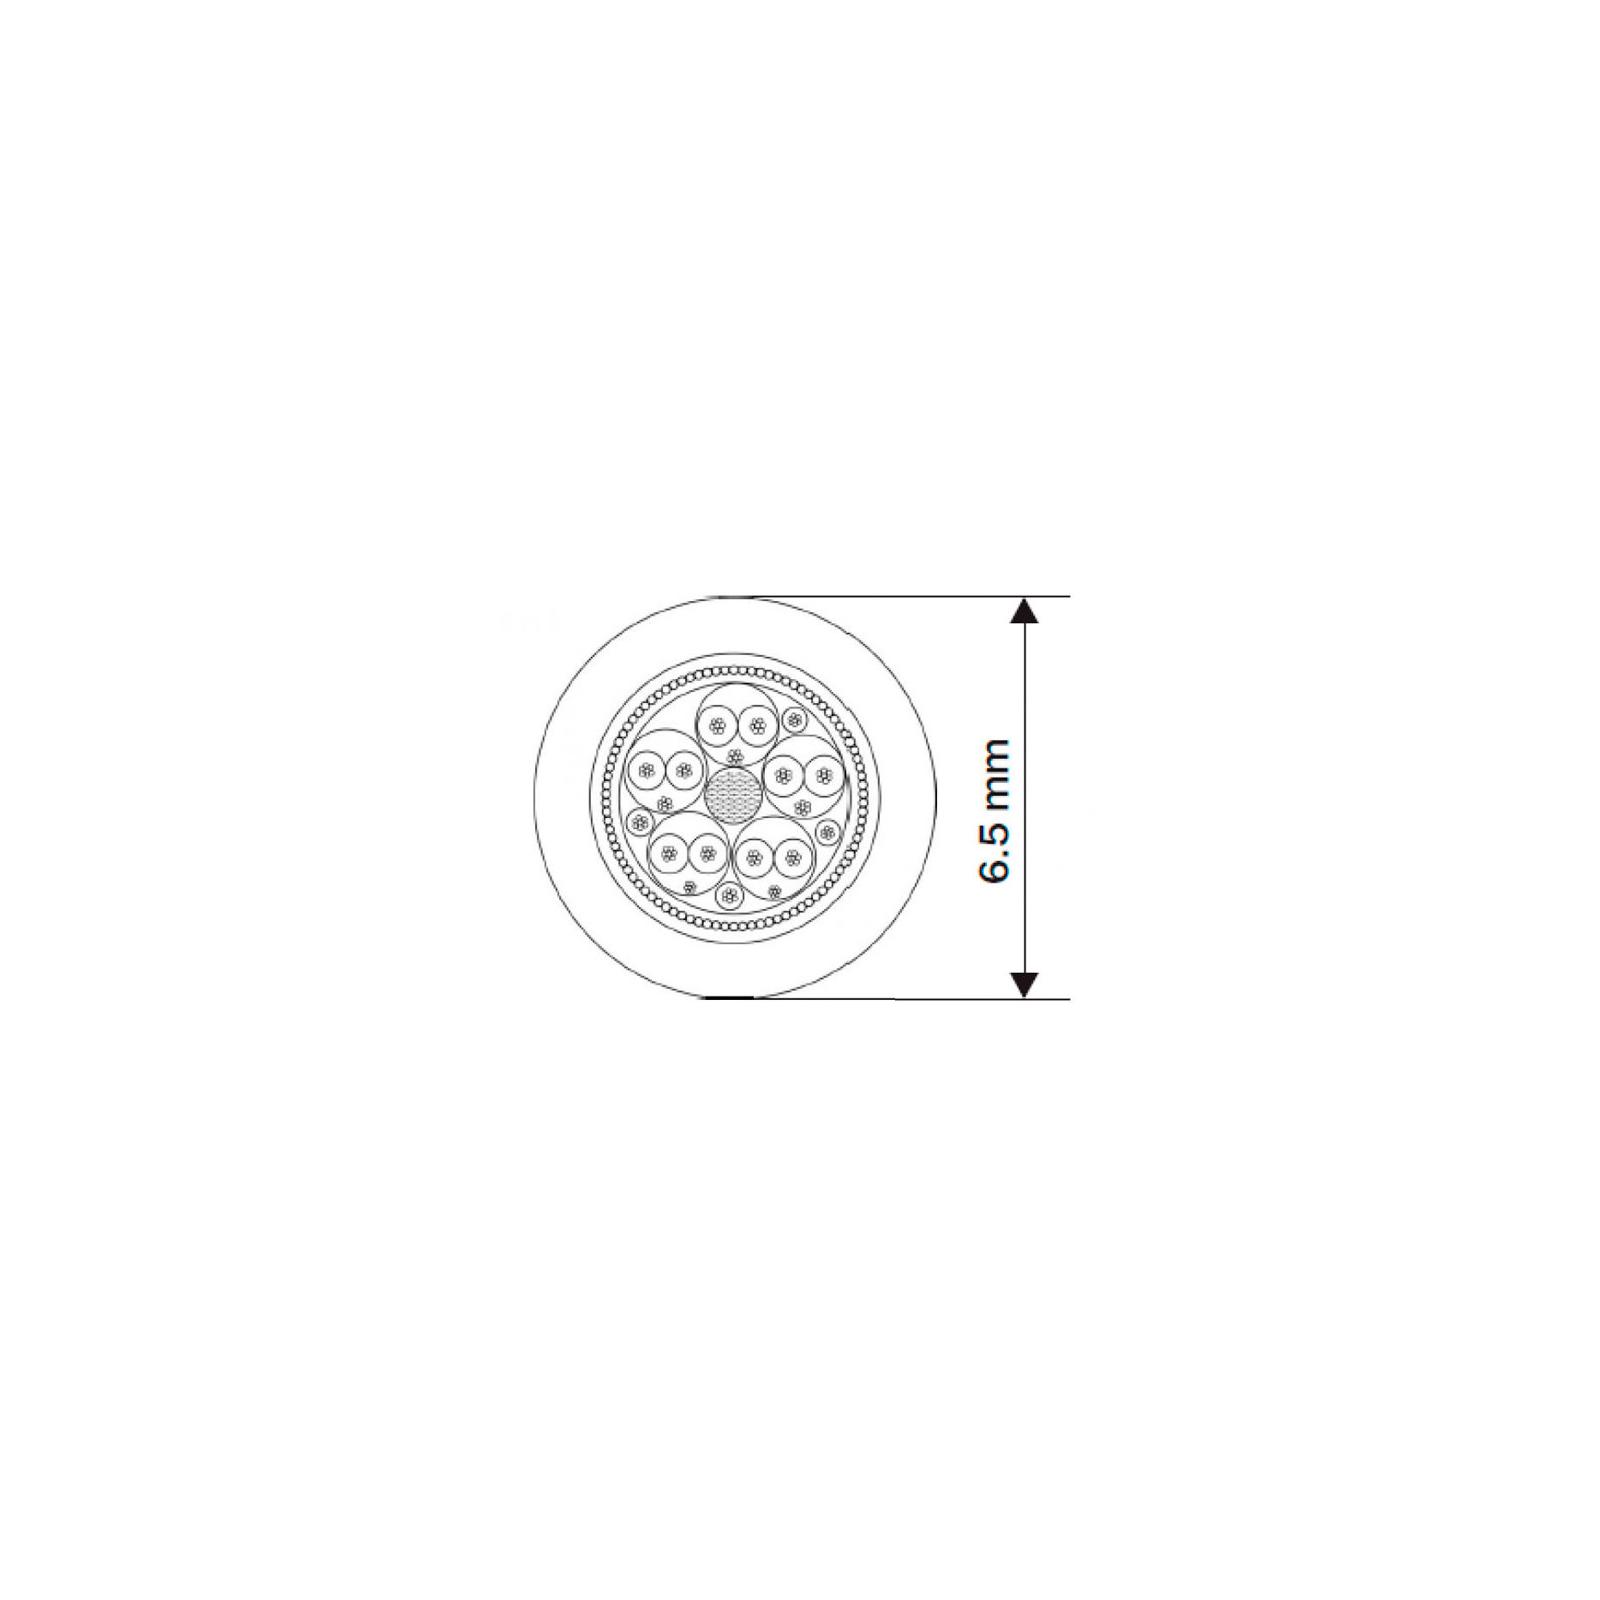 Кабель мультимедийный HDMI to miniHDMI 1.5m Prolink (PB349-0150) изображение 5